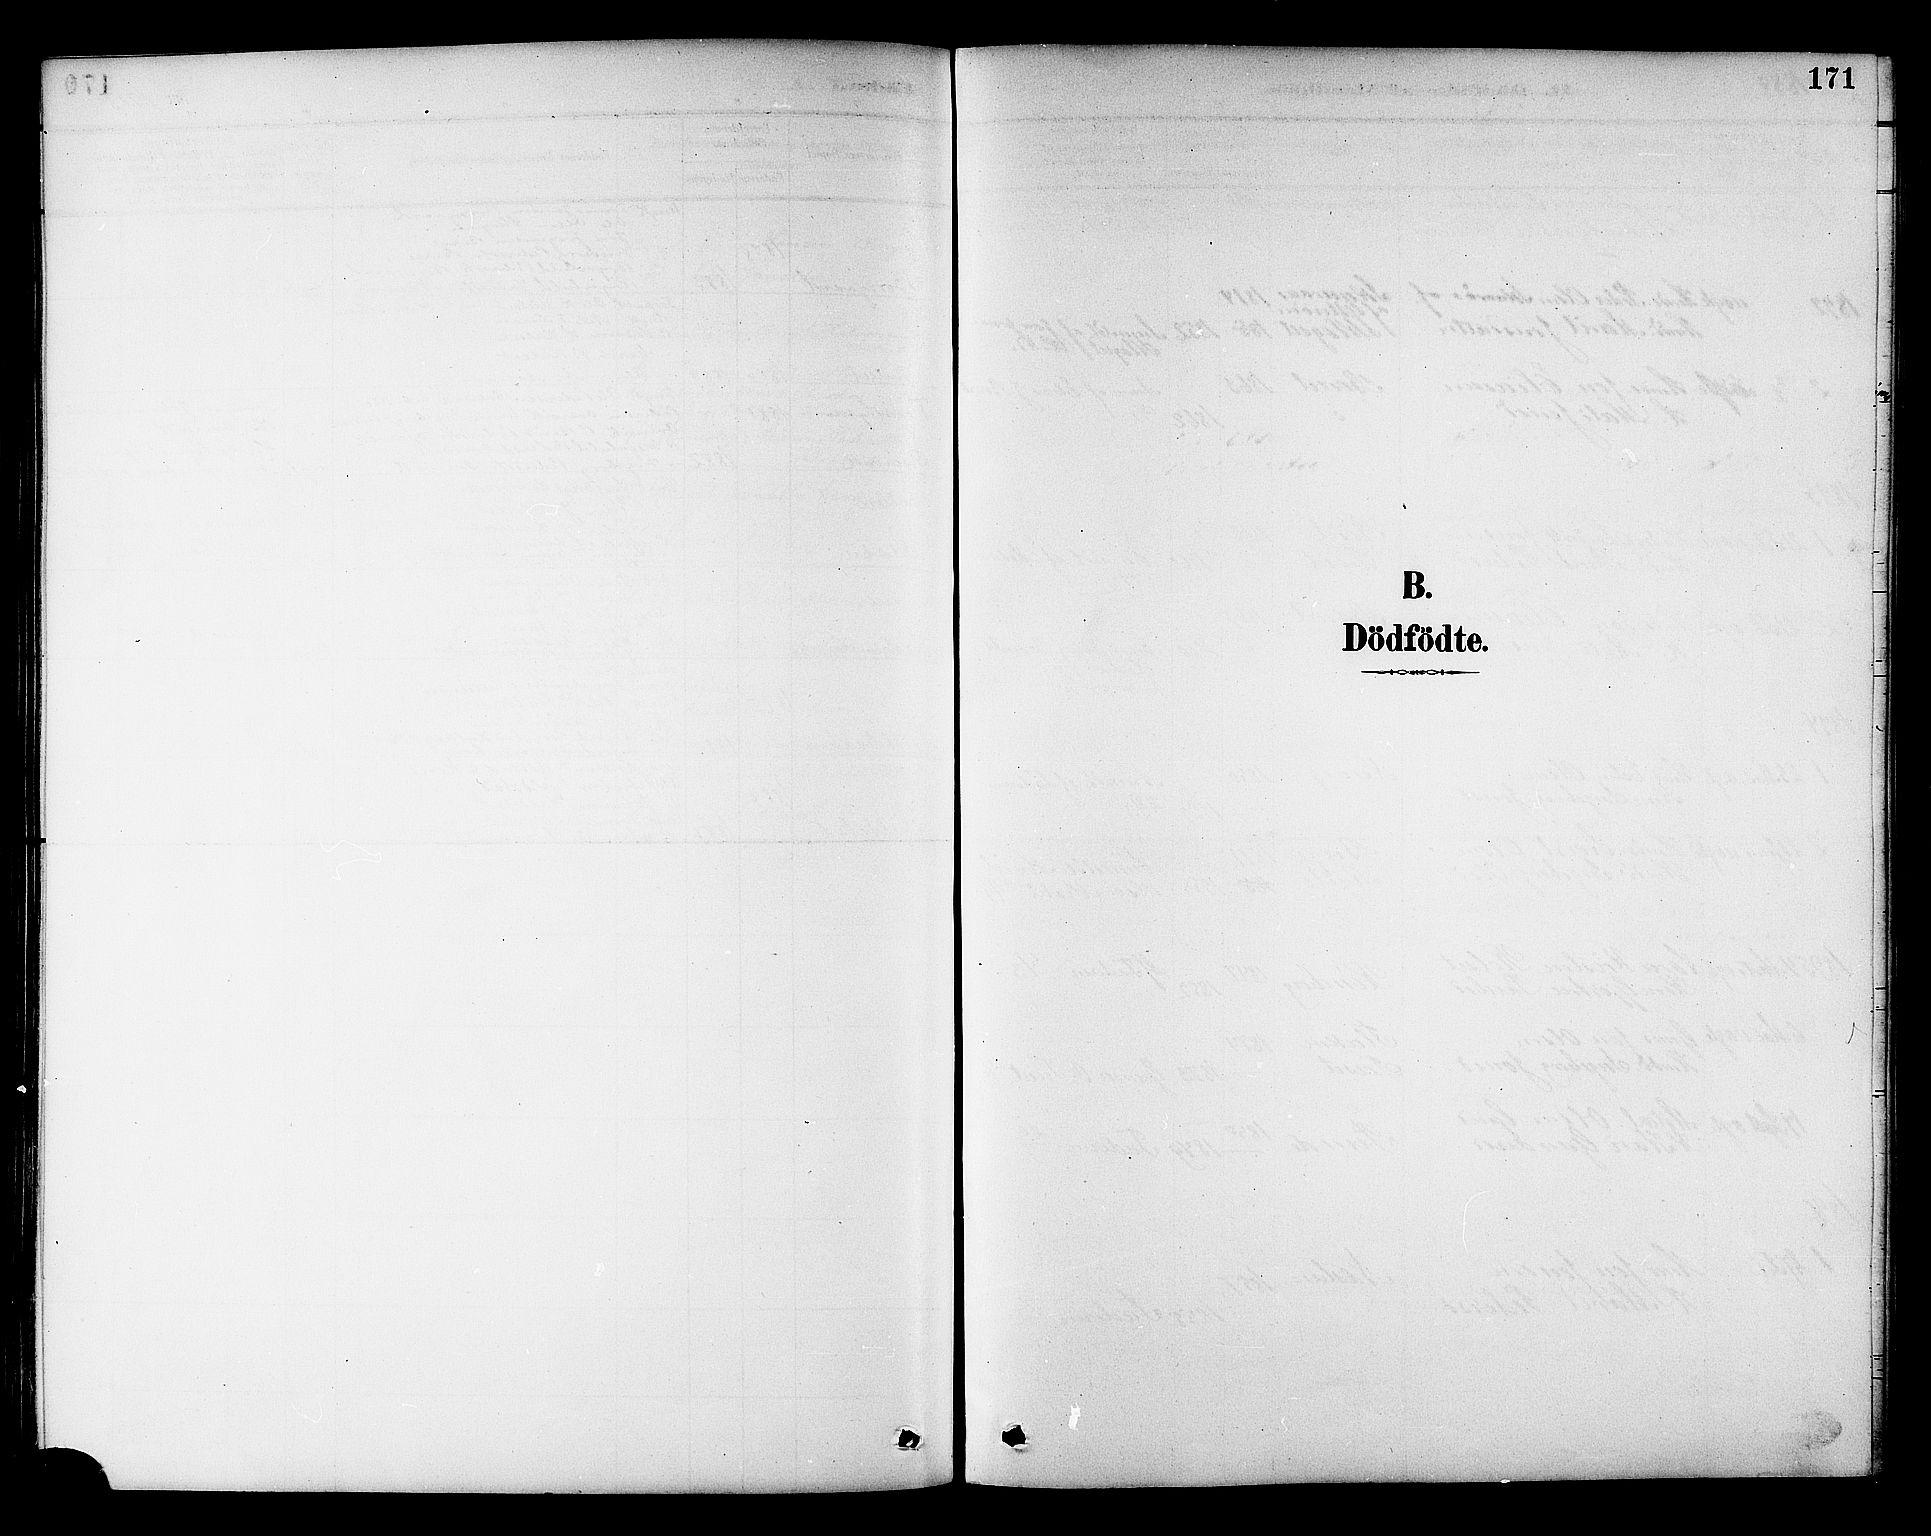 SAT, Ministerialprotokoller, klokkerbøker og fødselsregistre - Sør-Trøndelag, 695/L1157: Klokkerbok nr. 695C08, 1889-1913, s. 171